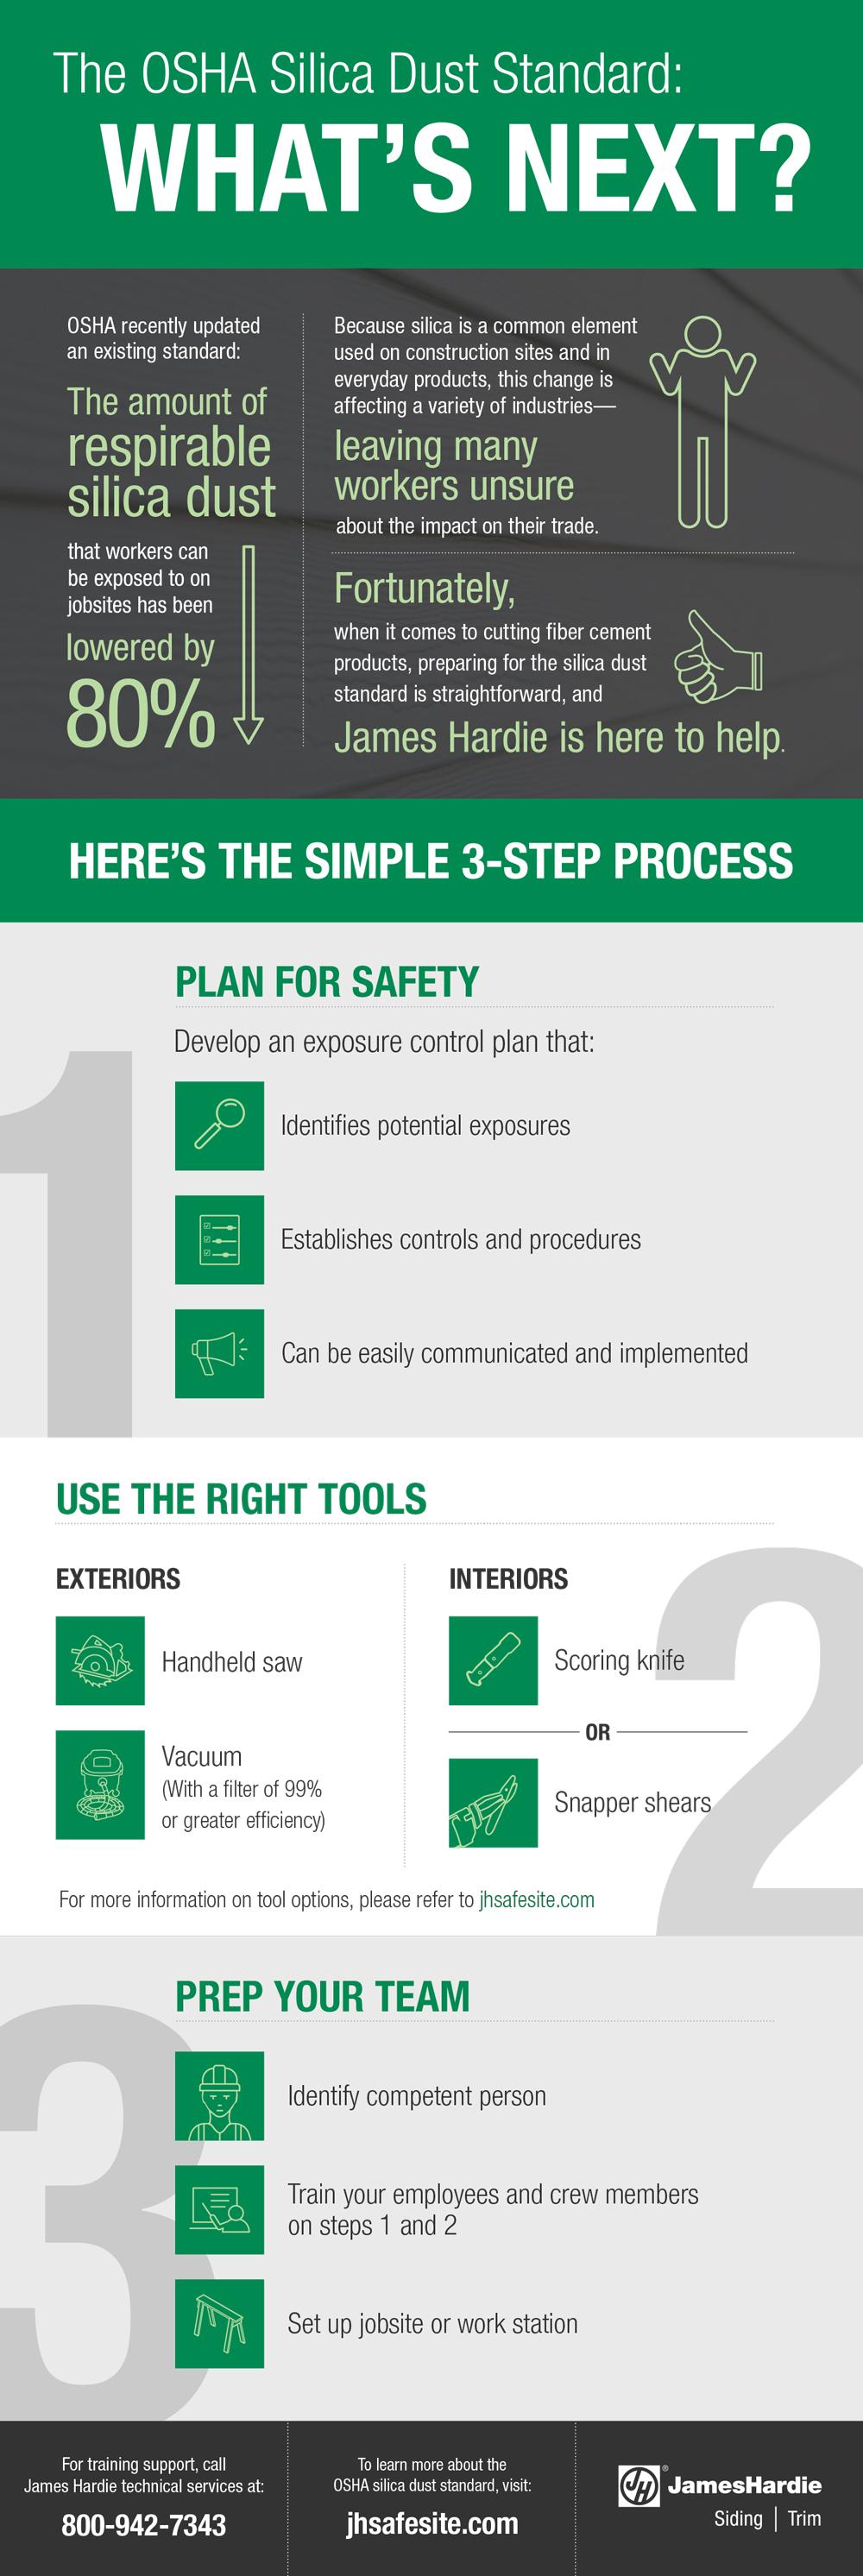 Silica Dust Exposure Control Plan Help James Hardie Pros